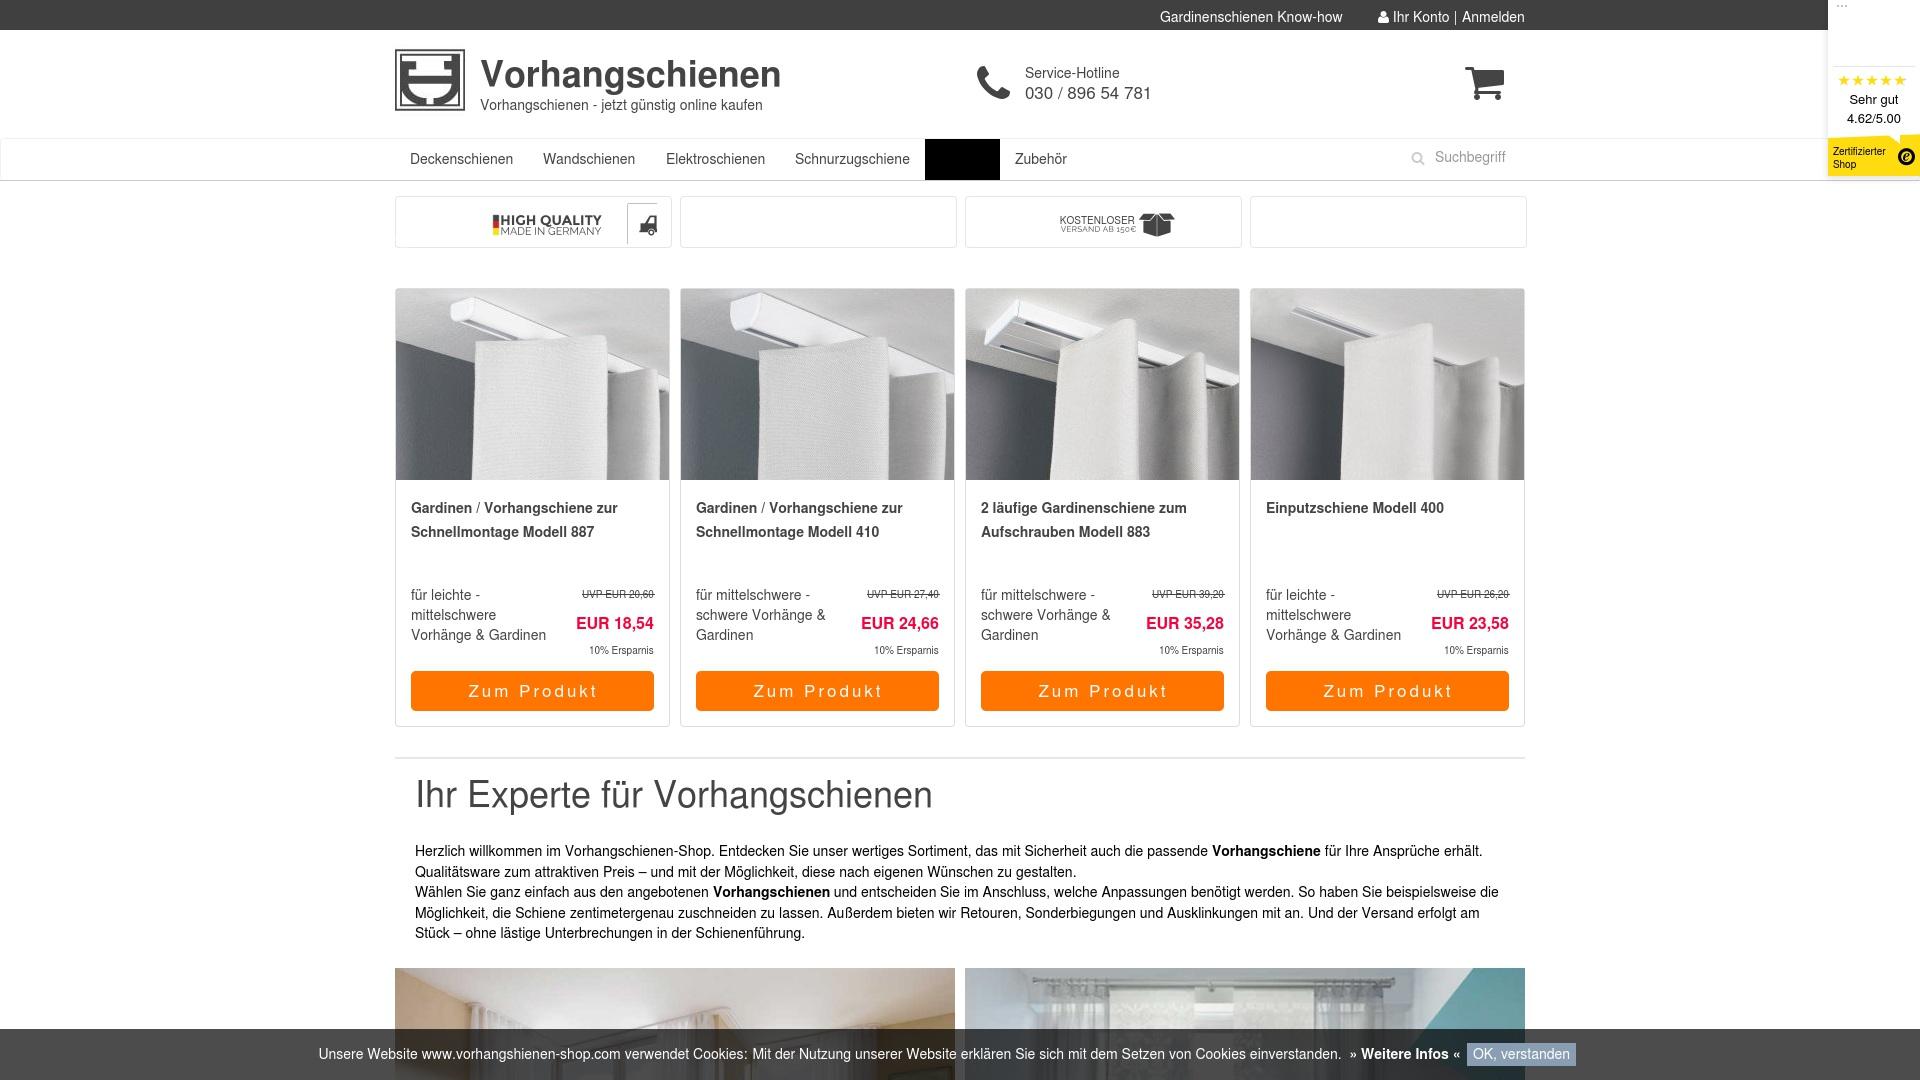 Gutschein für Vorhangschienen-shop: Rabatte für  Vorhangschienen-shop sichern